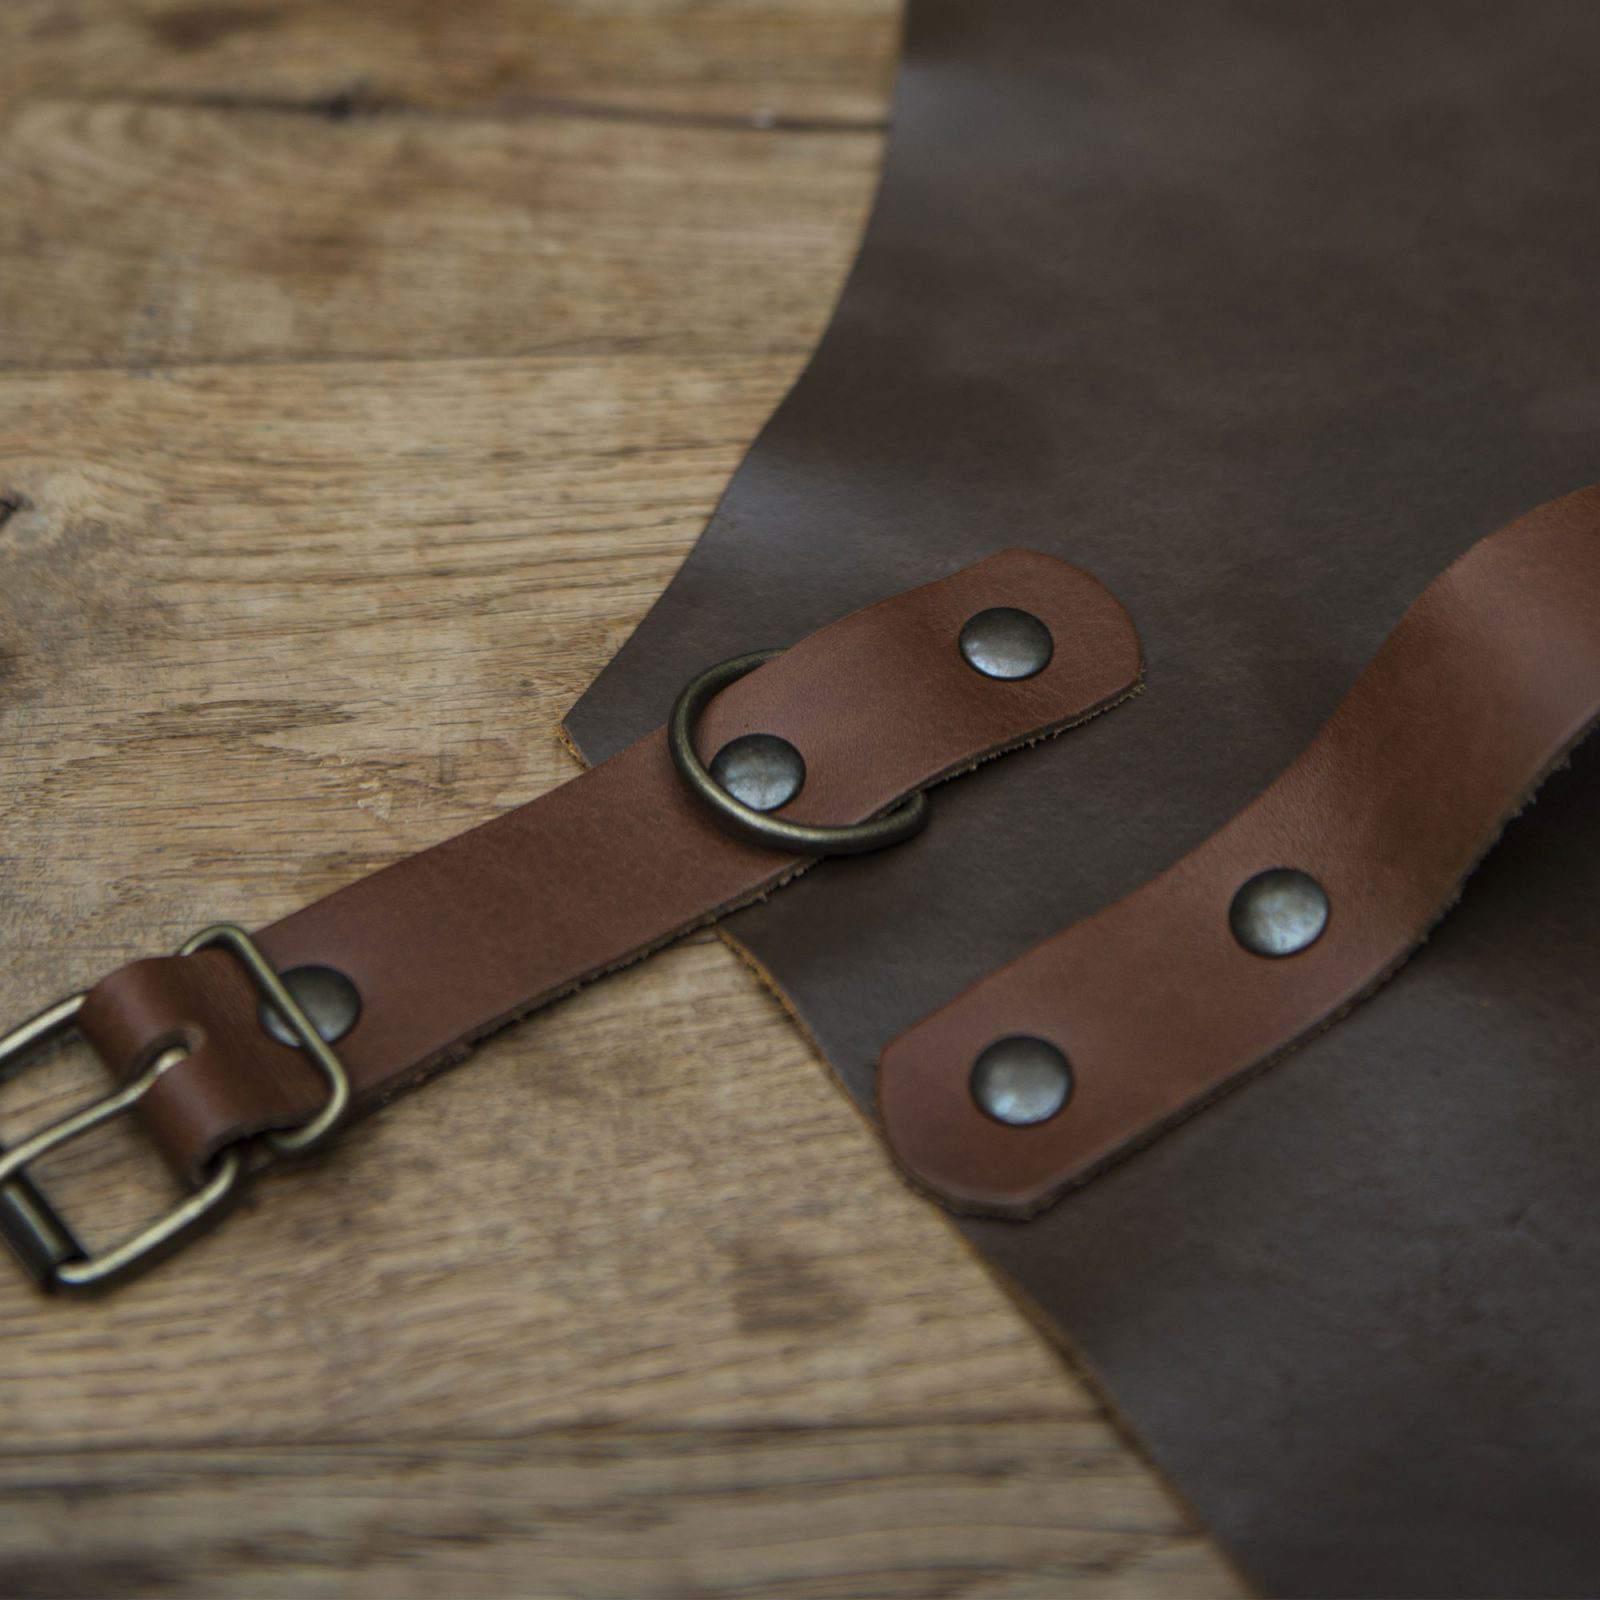 Comebekk leather apron, partial view.